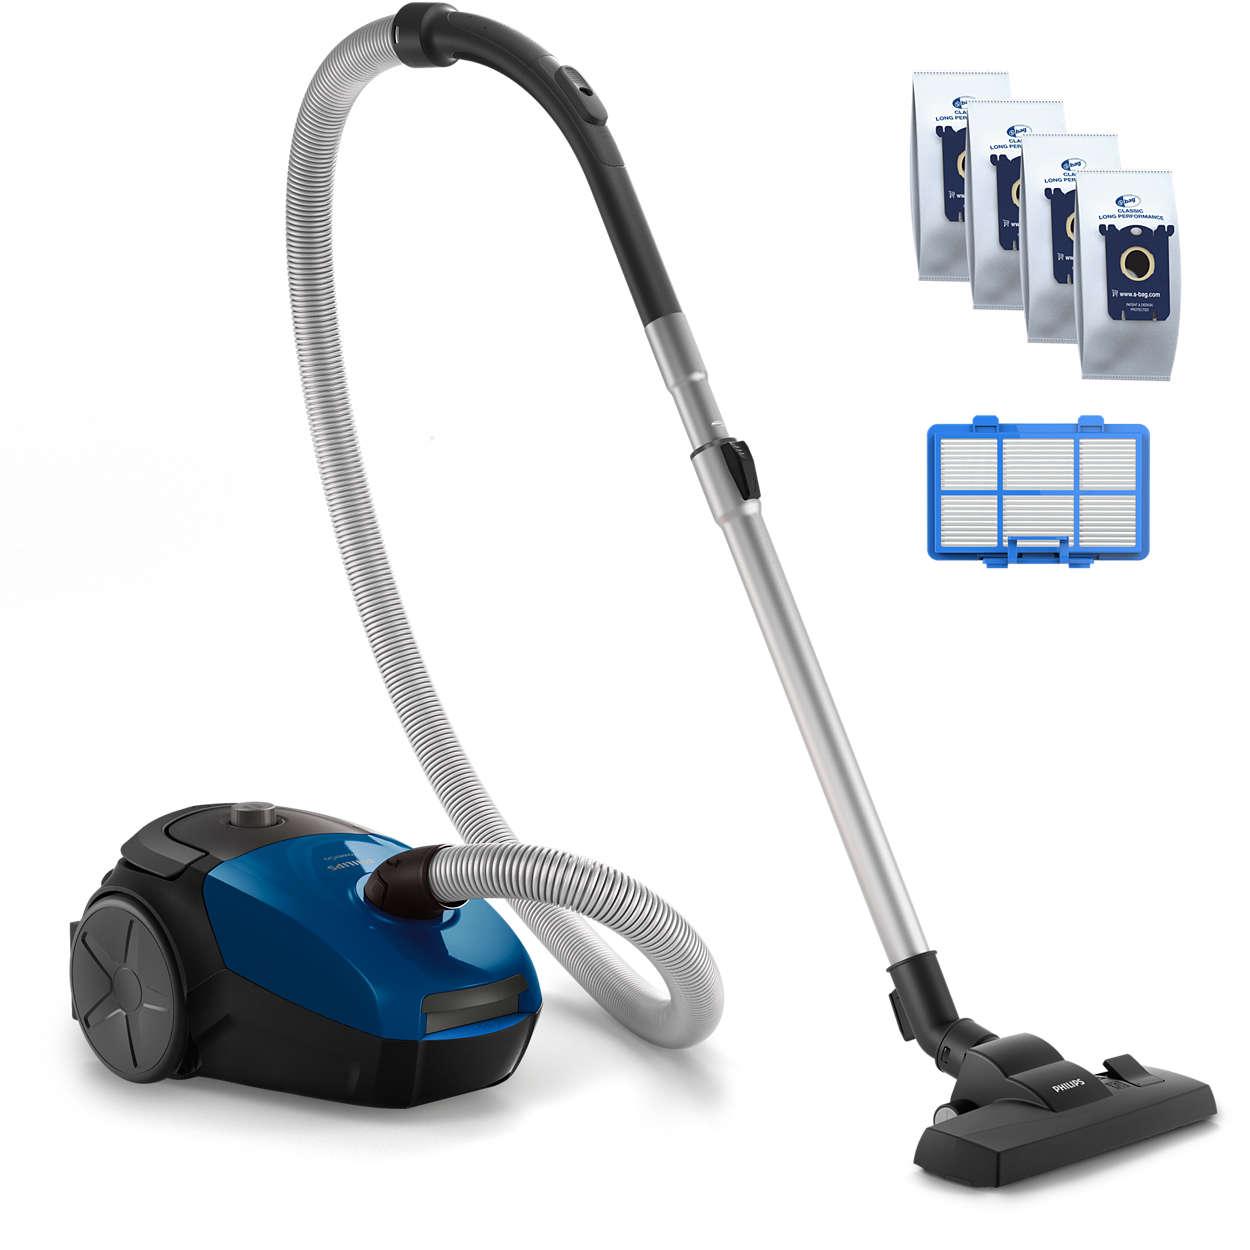 Tehokasta siivousta kaikilla kodin pinnoilla